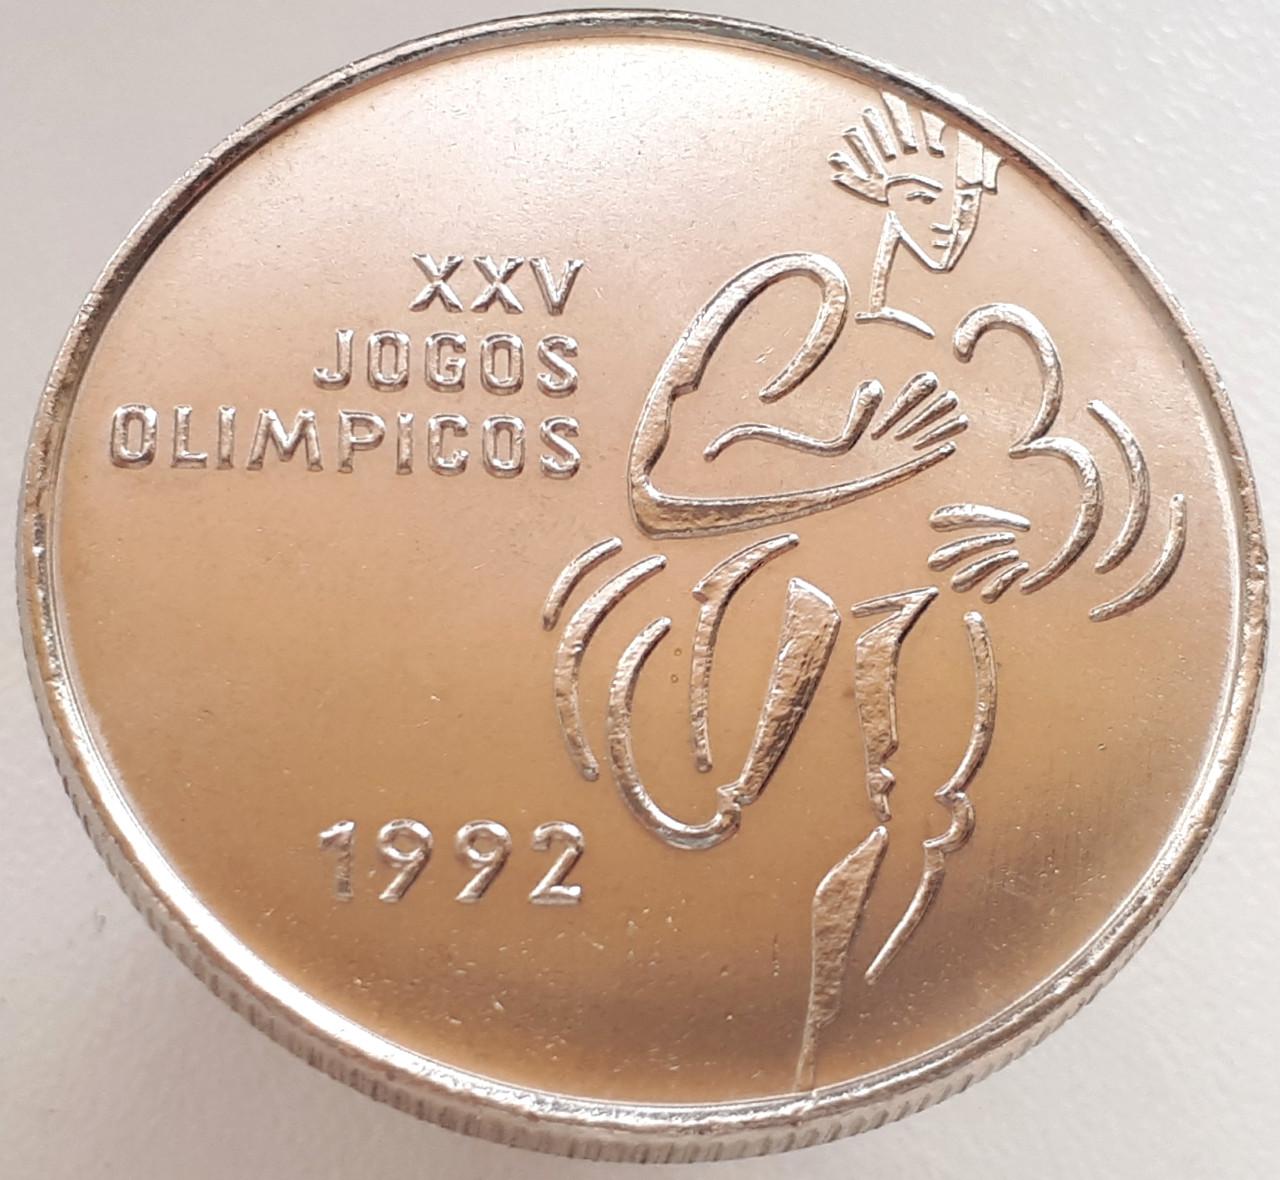 Португалия 200 эскудо 1995 - летние Олимпийские Игры, Барселона 1992